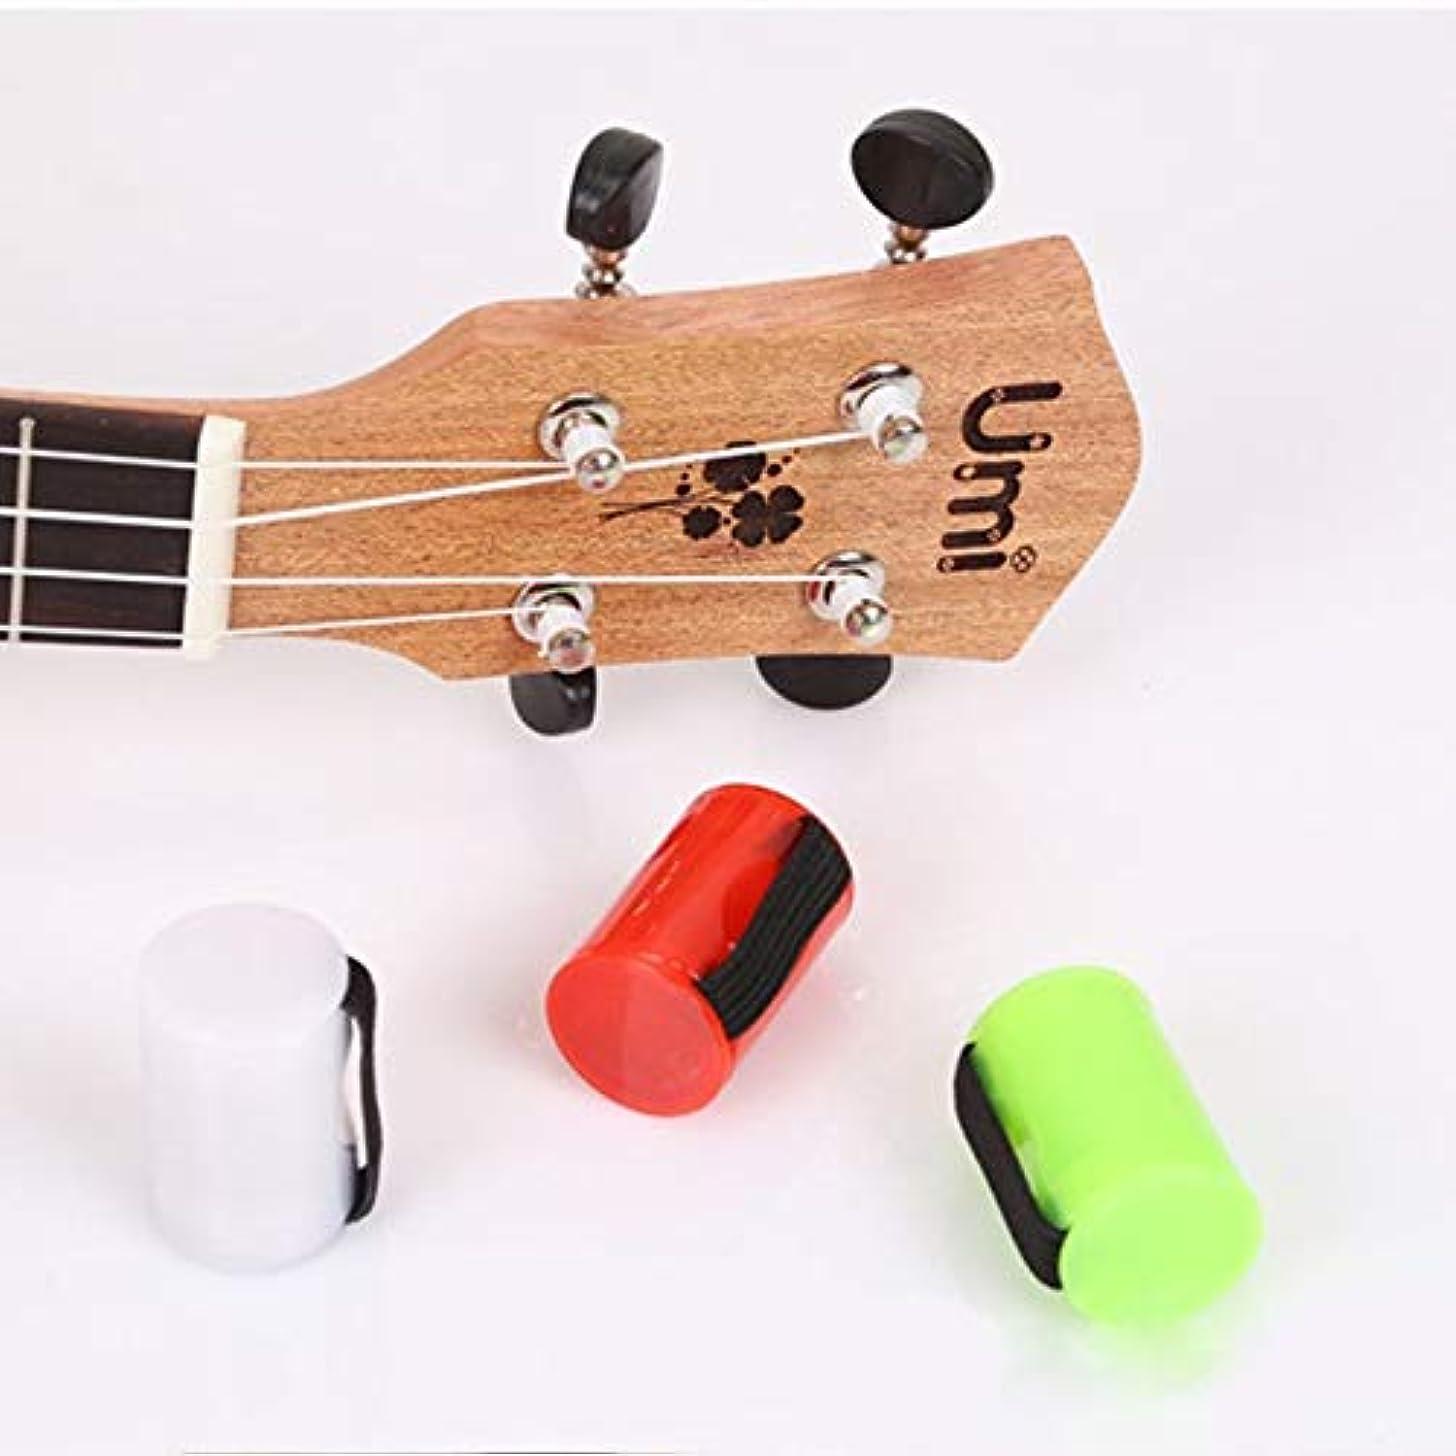 New Hot Guitar Ukulele Sand Shaker Hammer Rhythm Maraca Cabasa Finger Ring Ukulele Accessories Music Toy